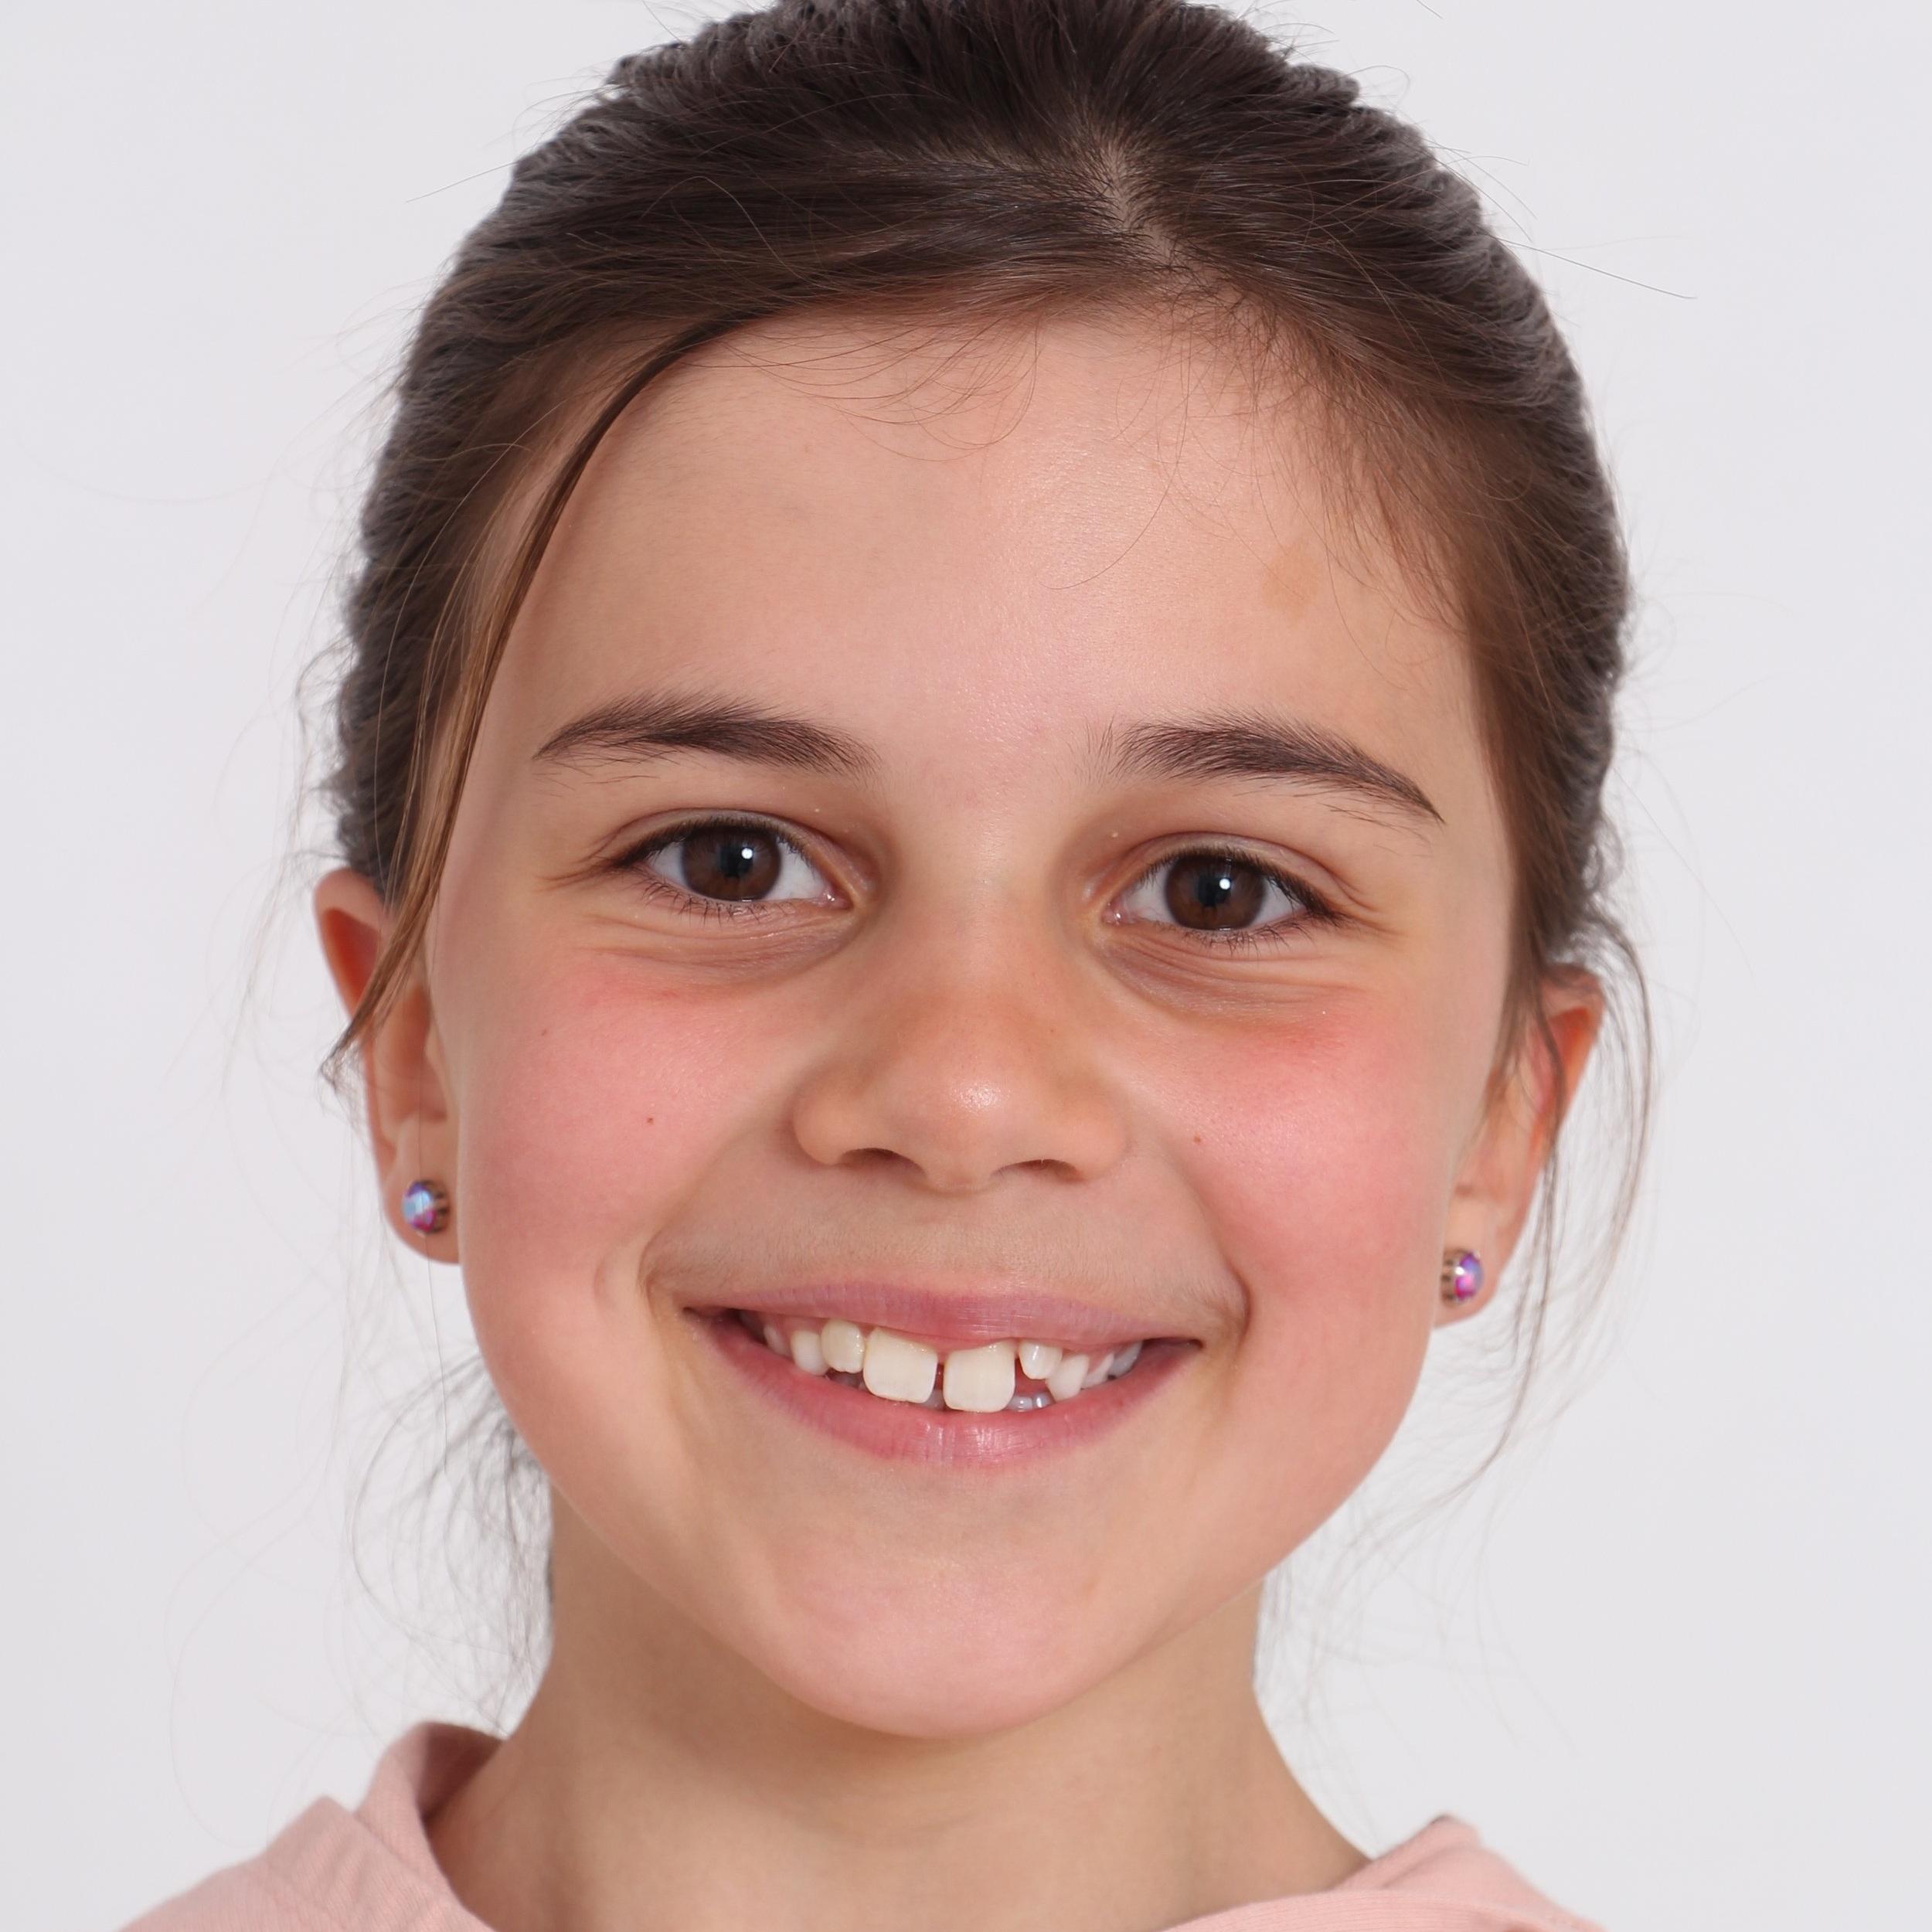 Matilda *2010